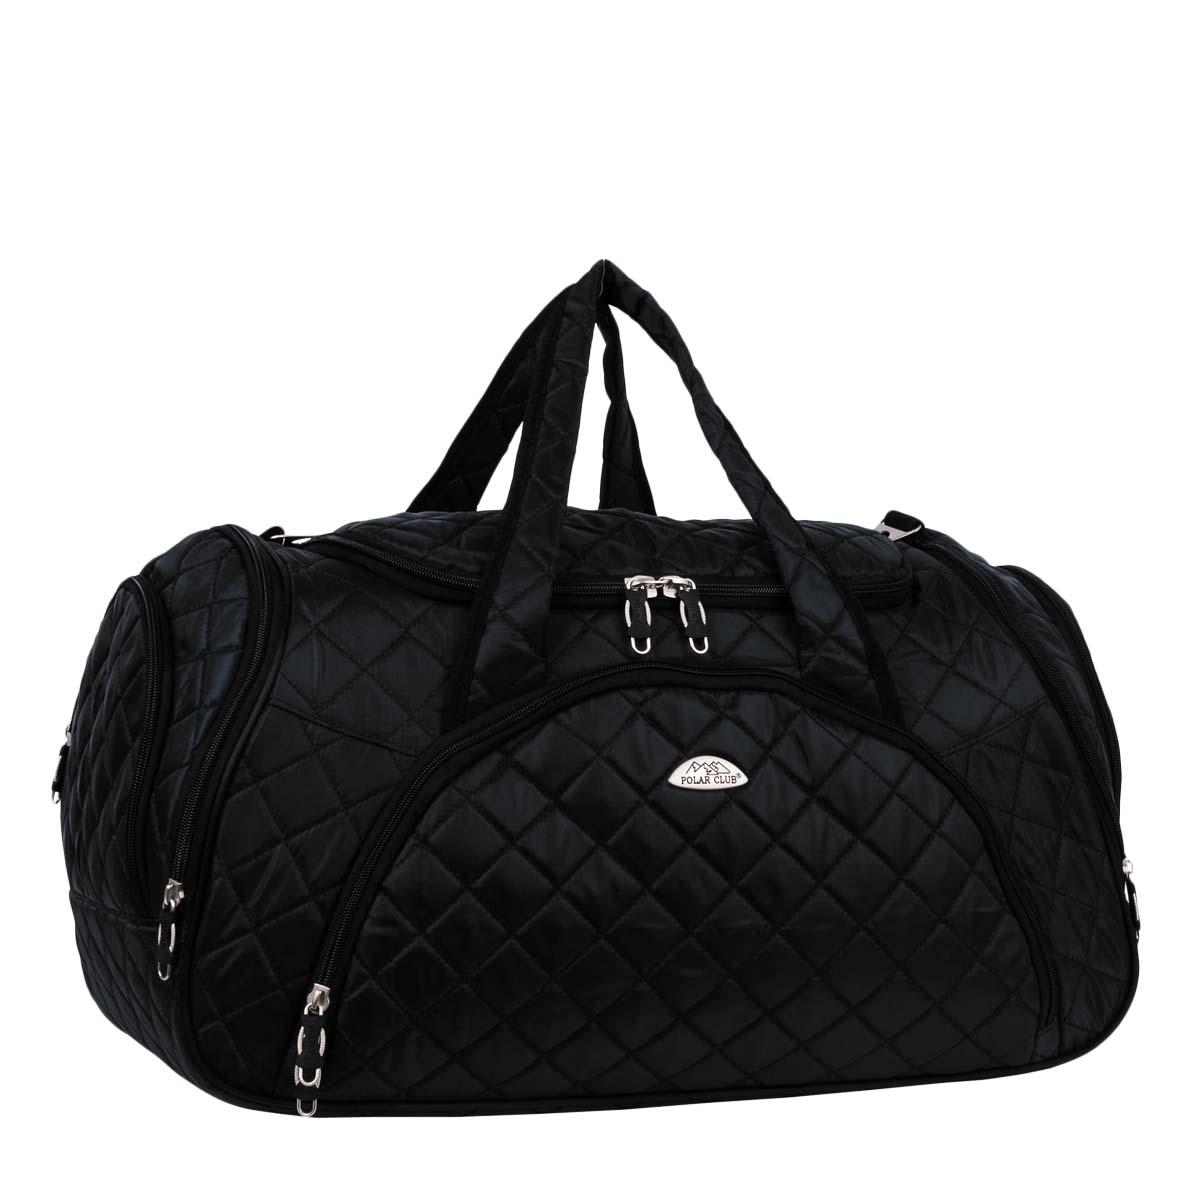 Сумка дорожная Polar, цвет: черный, 57 л. 7035.1Костюм Охотник-Штурм: куртка, брюкиДорожная сумка Polar выполнена из полиэстера. Имеет одно вместительное отделение для крупных предметов и вещей, которое закрывается на молнию. Спереди и по бокам сумки расположены карманы на молнии для средних и мелких предметов. В комплект входит плечевой ремень и замочек с ключом. Хороший вариант для поездок на несколько дней и командировок.